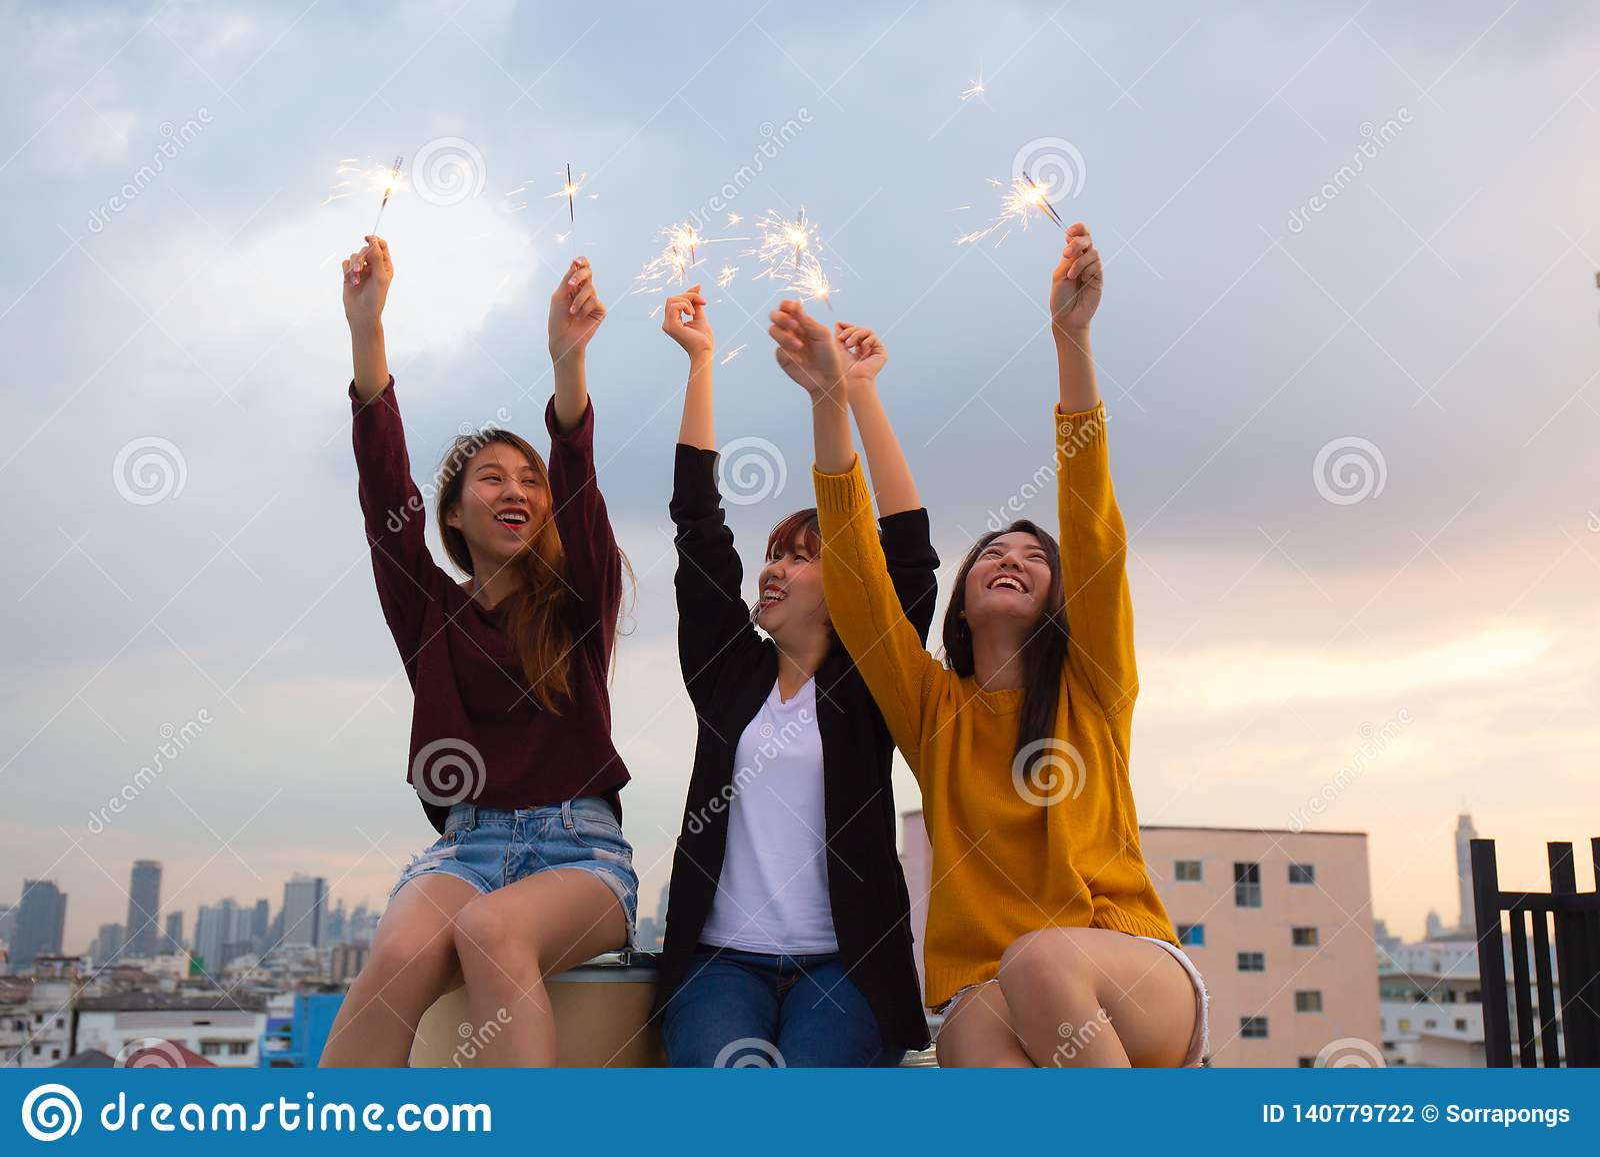 Asiatische Gruppe Freunde, die Wunderkerzen beleuchten und Freiheit bei Sonnenuntergang, asiatische Frau glücklich hält Wunderker